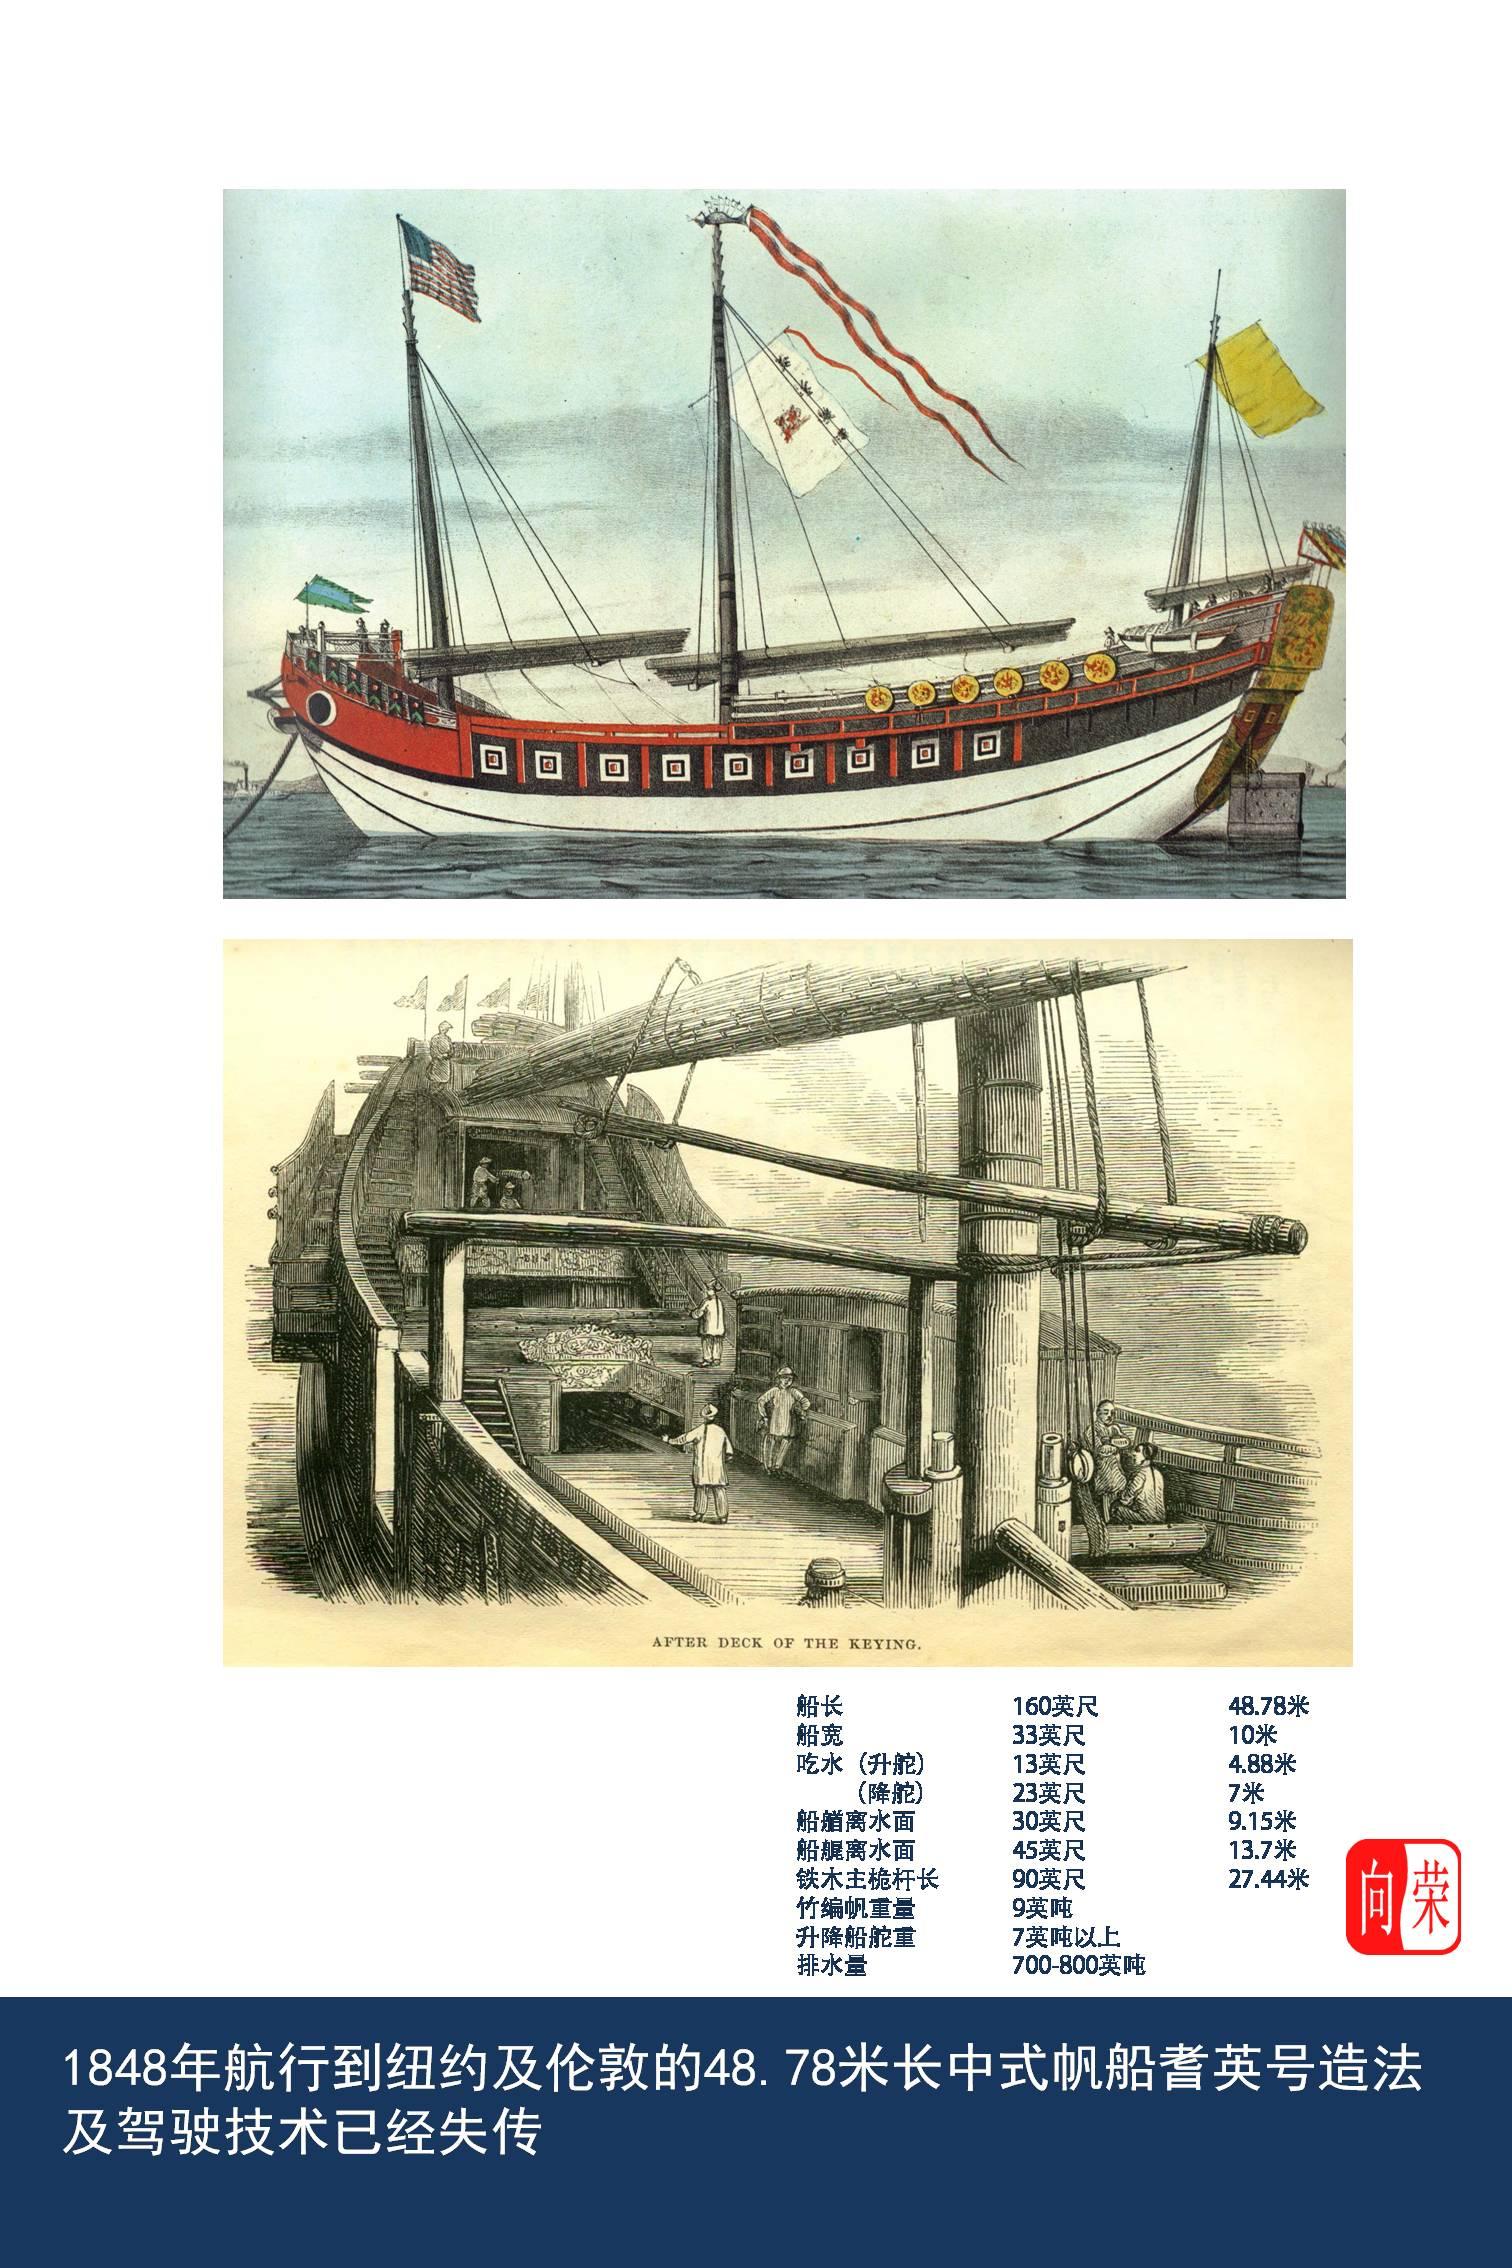 中华文化,旅行社,香港大学,南海诸岛,帆船运动 《中式帆船古为今用》展览,让老邝带你看中式帆船! Slide5.JPG